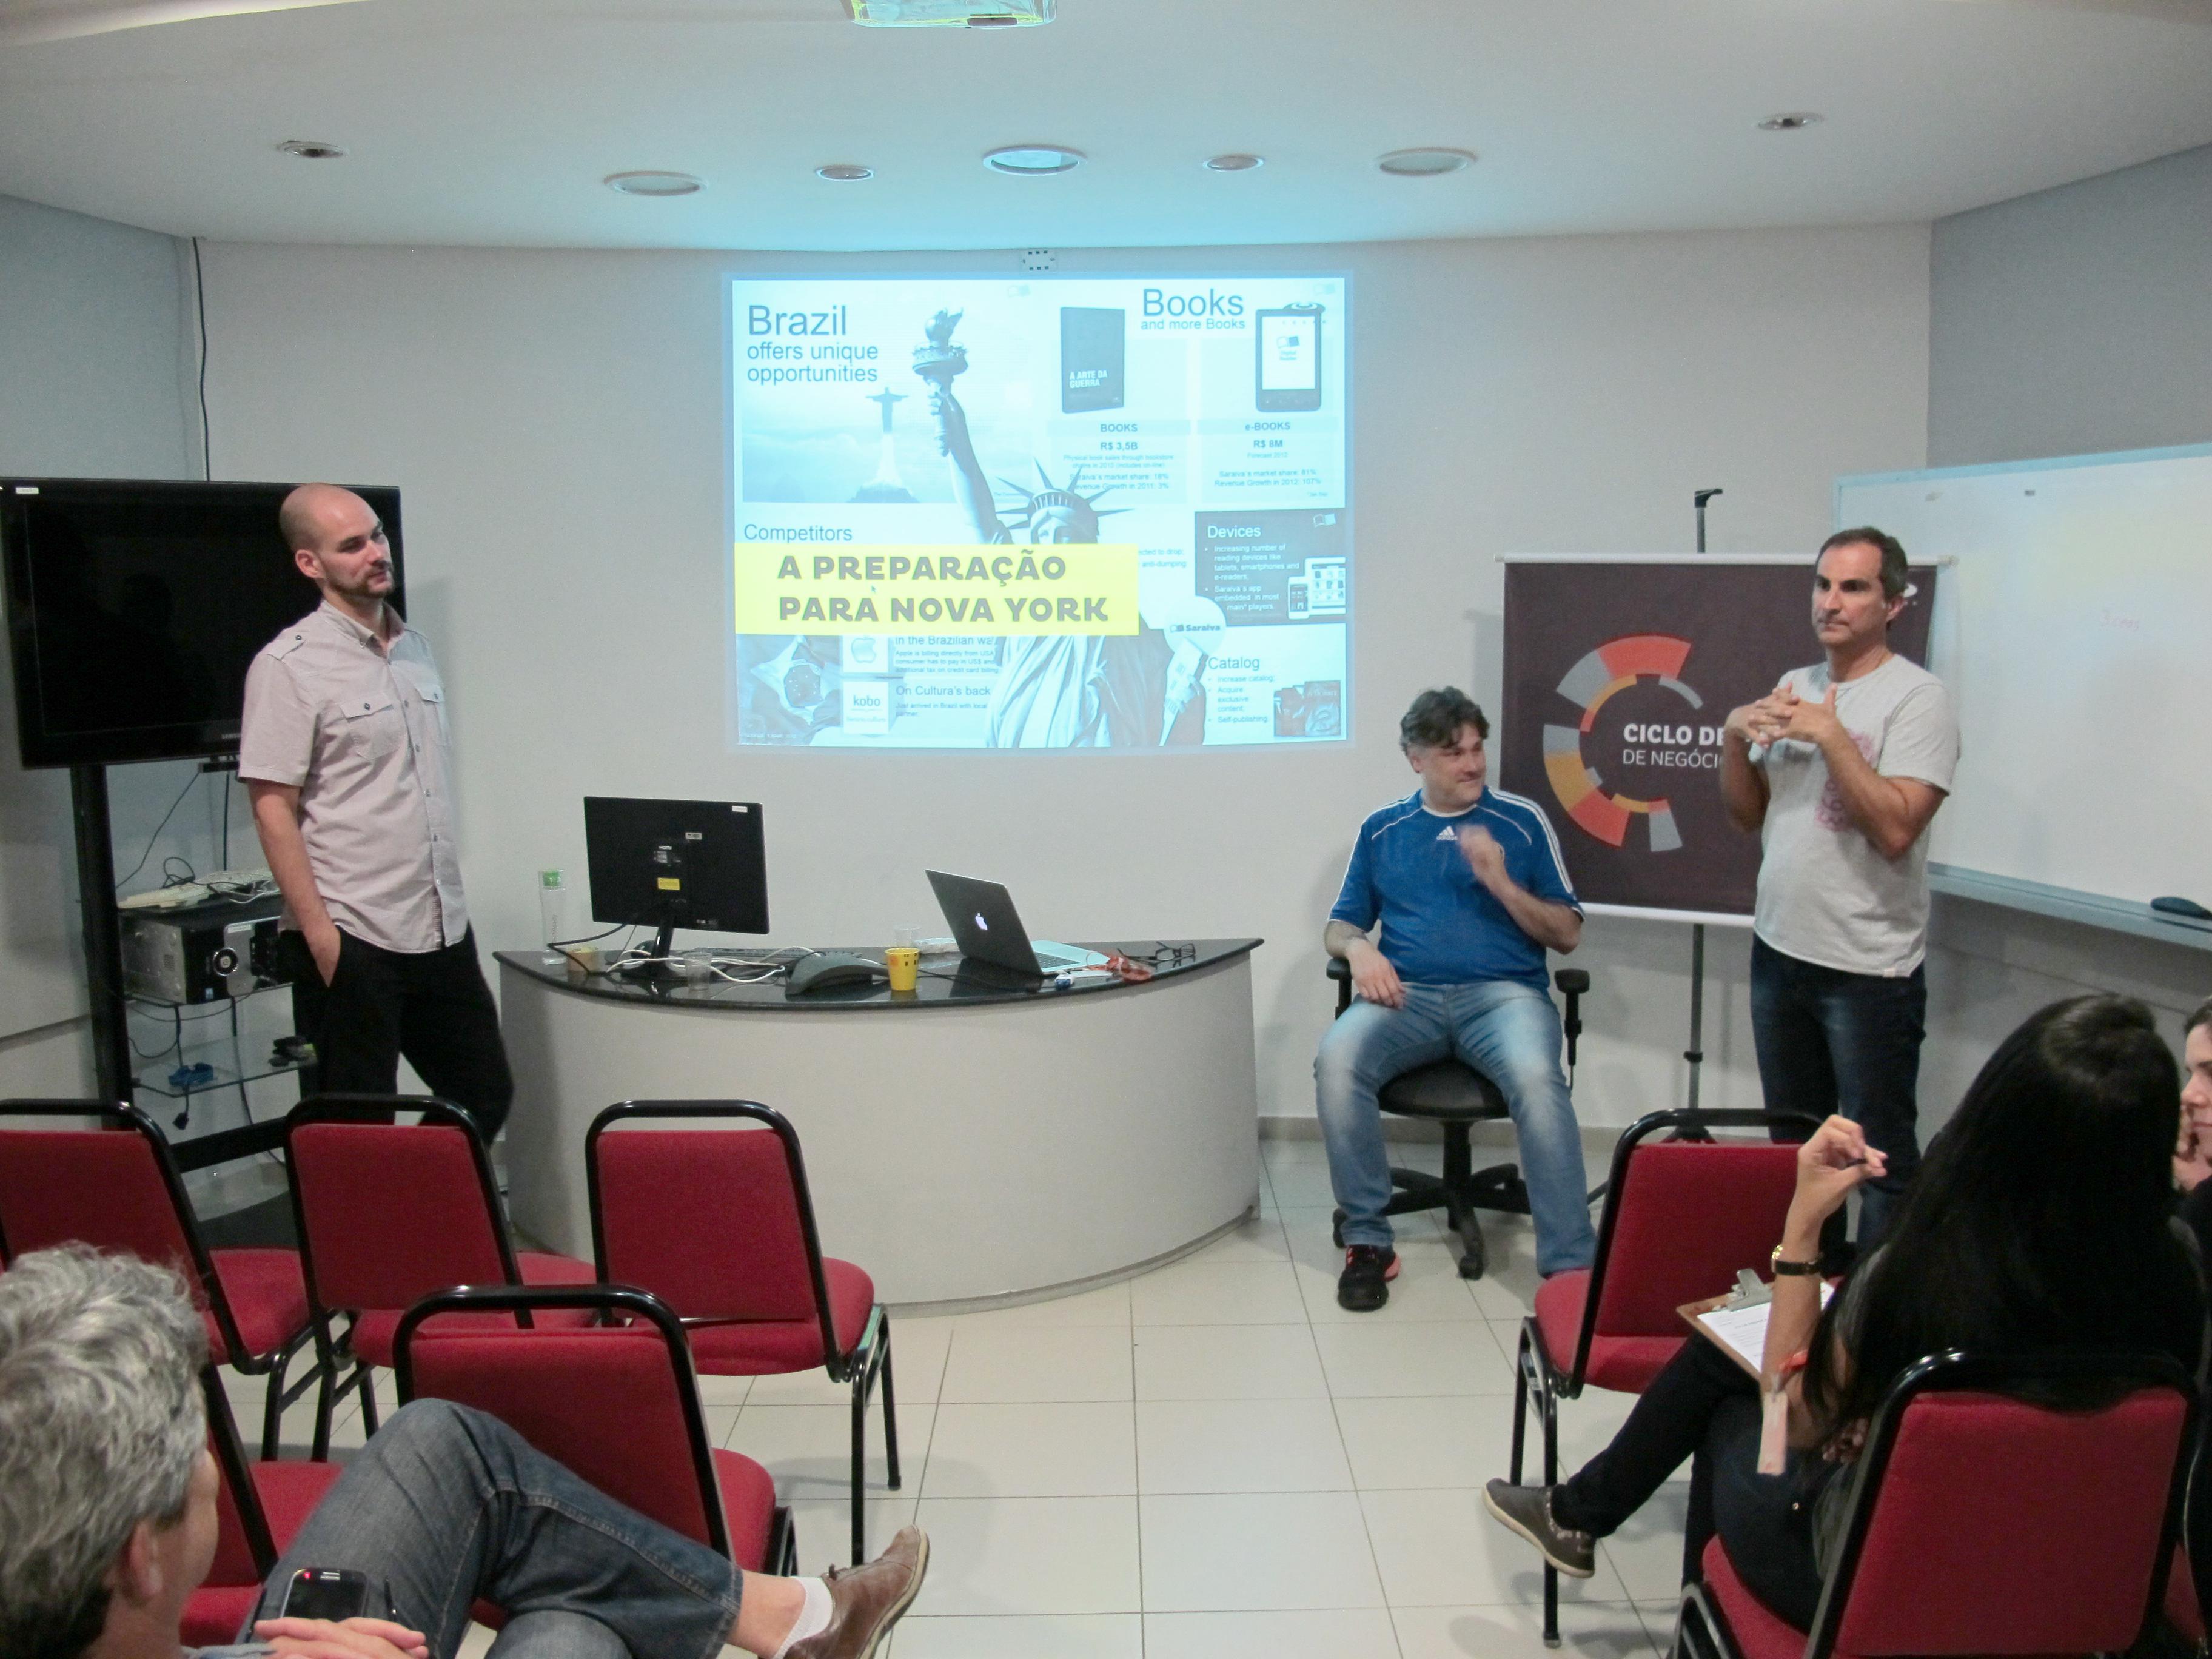 Paulo Melo, Luiz Borba, Eduardo